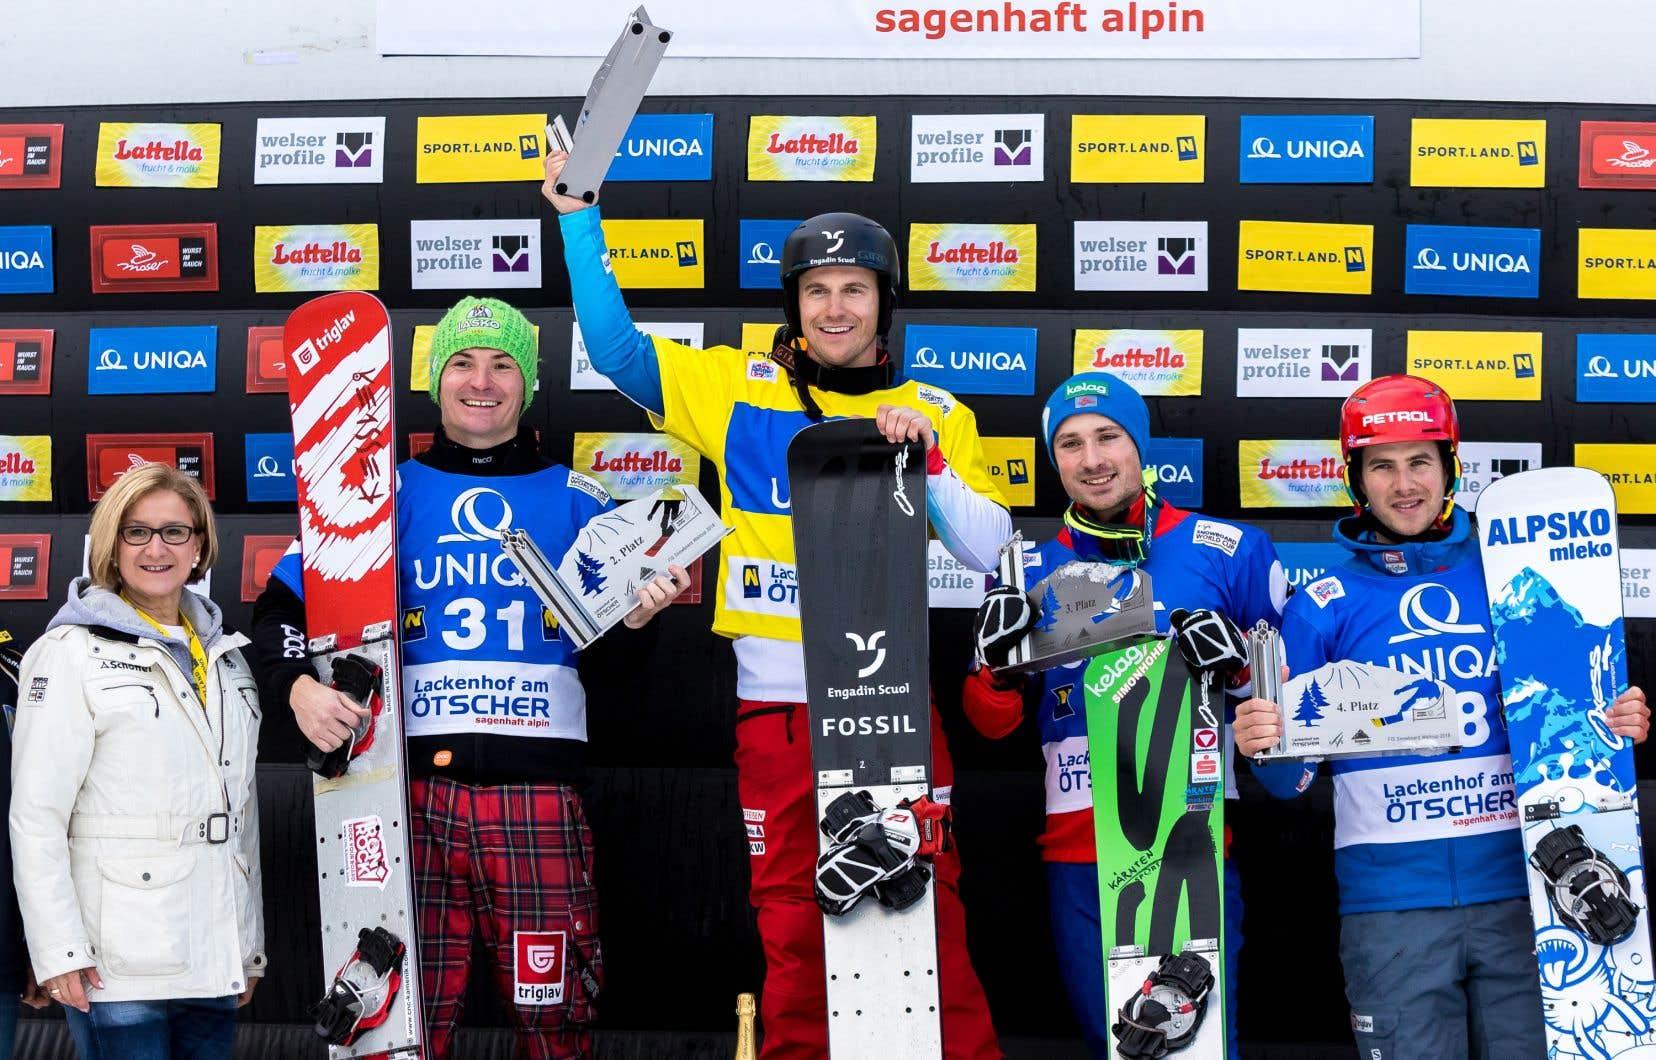 Galmarini a triomphé en super finale devant le Slovène Rok Marguc, tandis que l'Autrichien et héros local Alexander Payer gagnait la petite finale contre le coéquipier de Marguc, Zan Kosir.